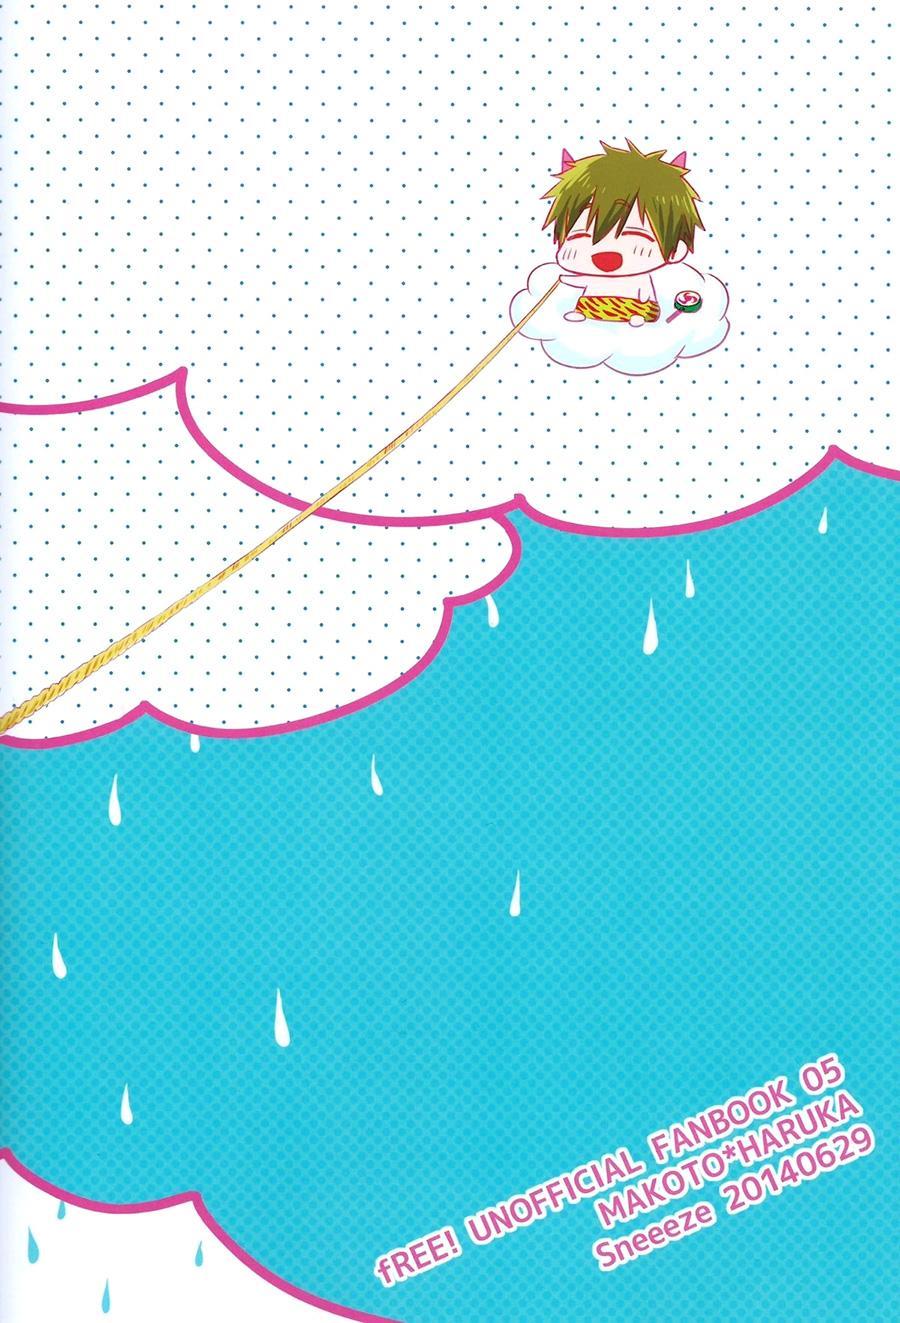 (Renai Endorphin) [Sneeeze (Kubu)] Haru-chan no Maru-Hi Amagoi Daisakusen!! (Free!) [English] [ichigo-day] 29